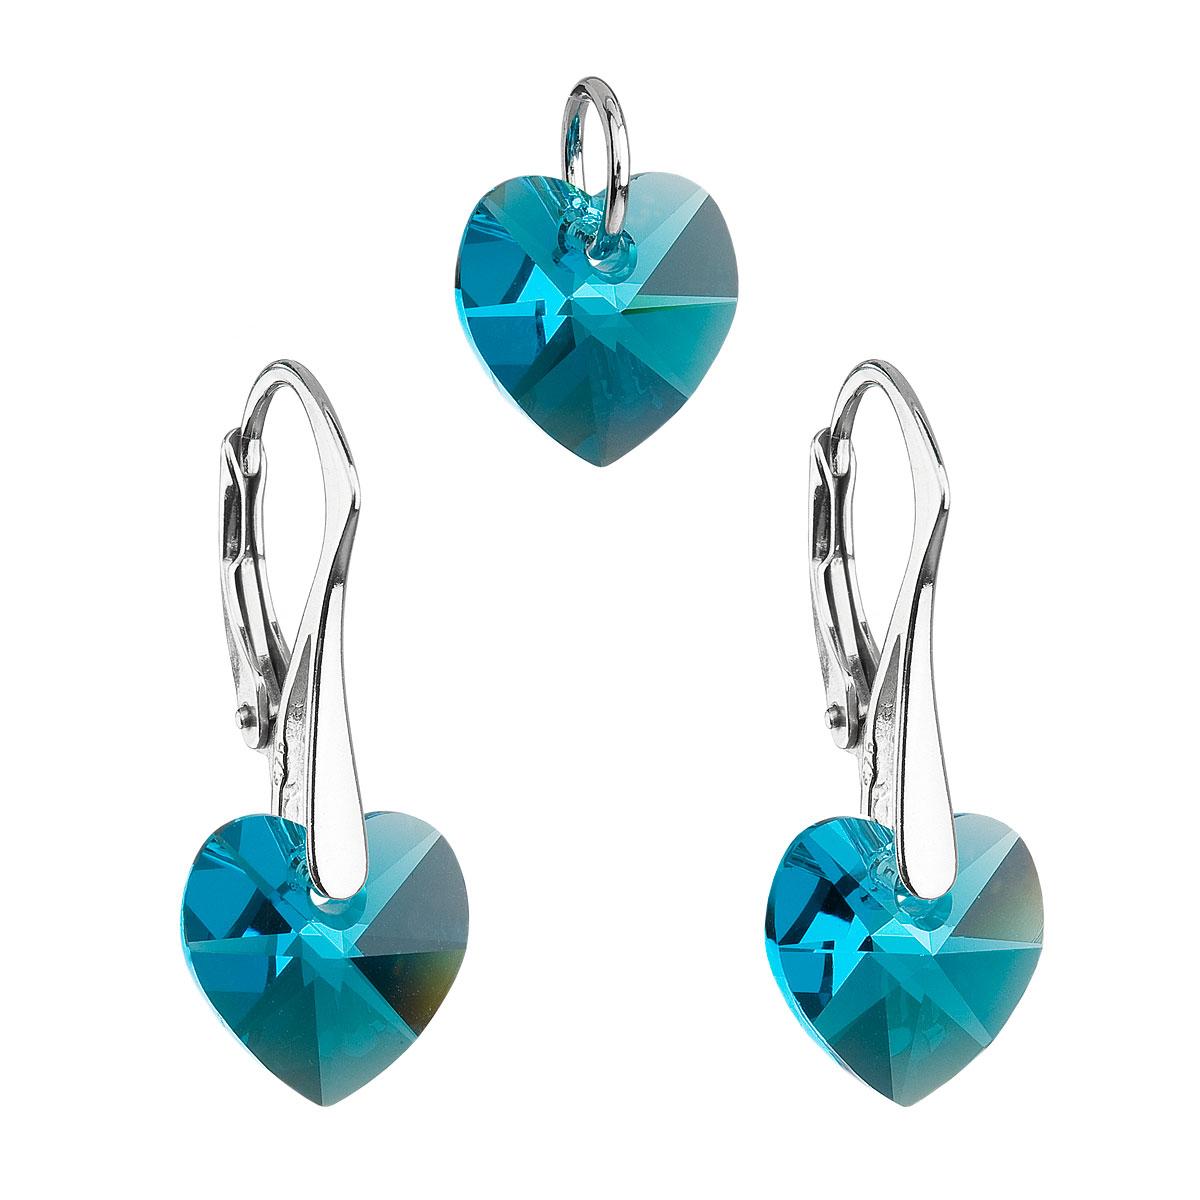 Sada šperkov s krištáľmi Swarovski náušnice a prívesok modré srdcia 39003.4